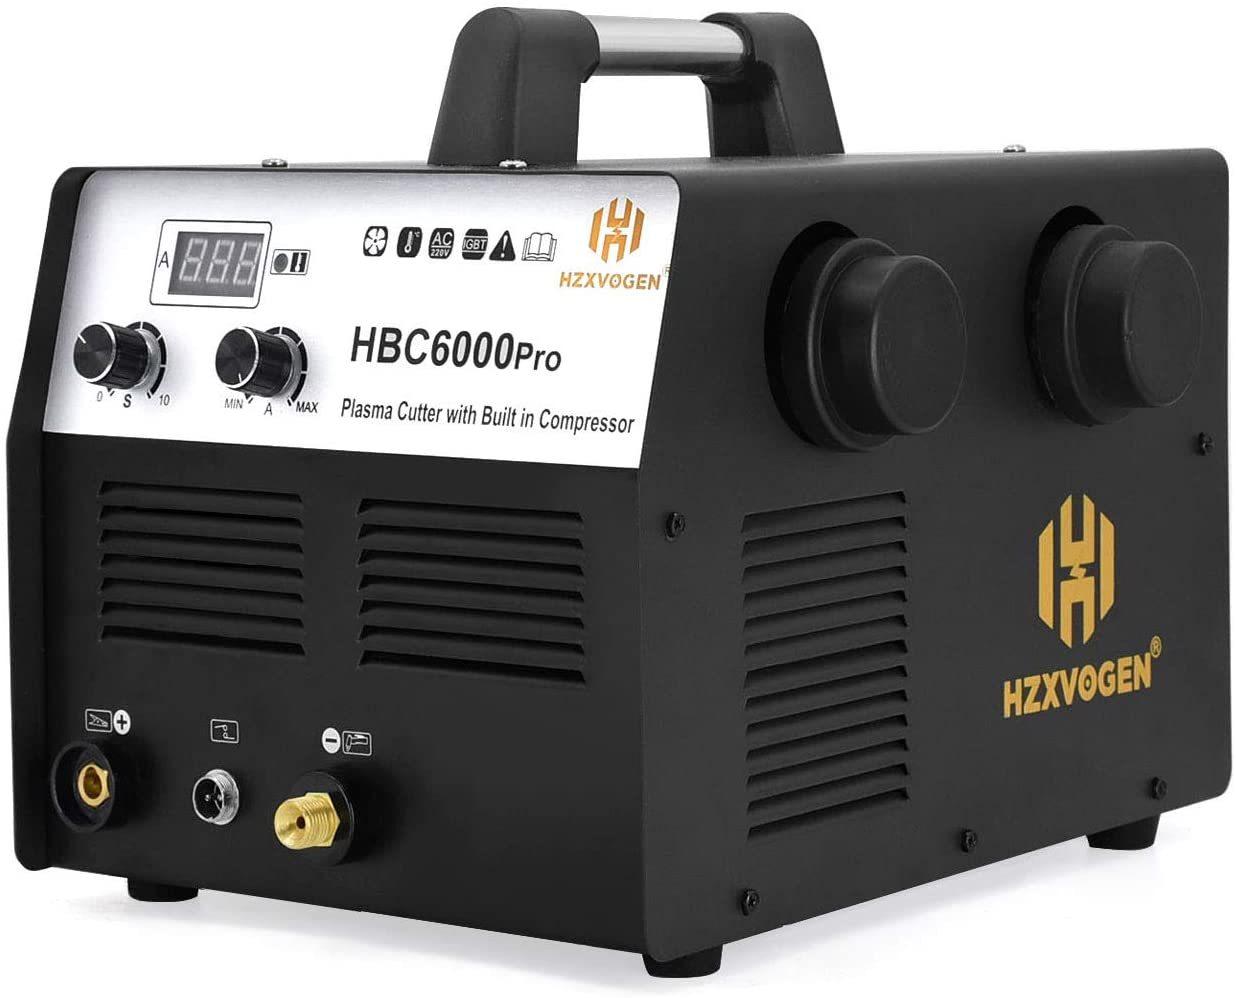 HZXVOGEN 40 Amp Plasma Cutter